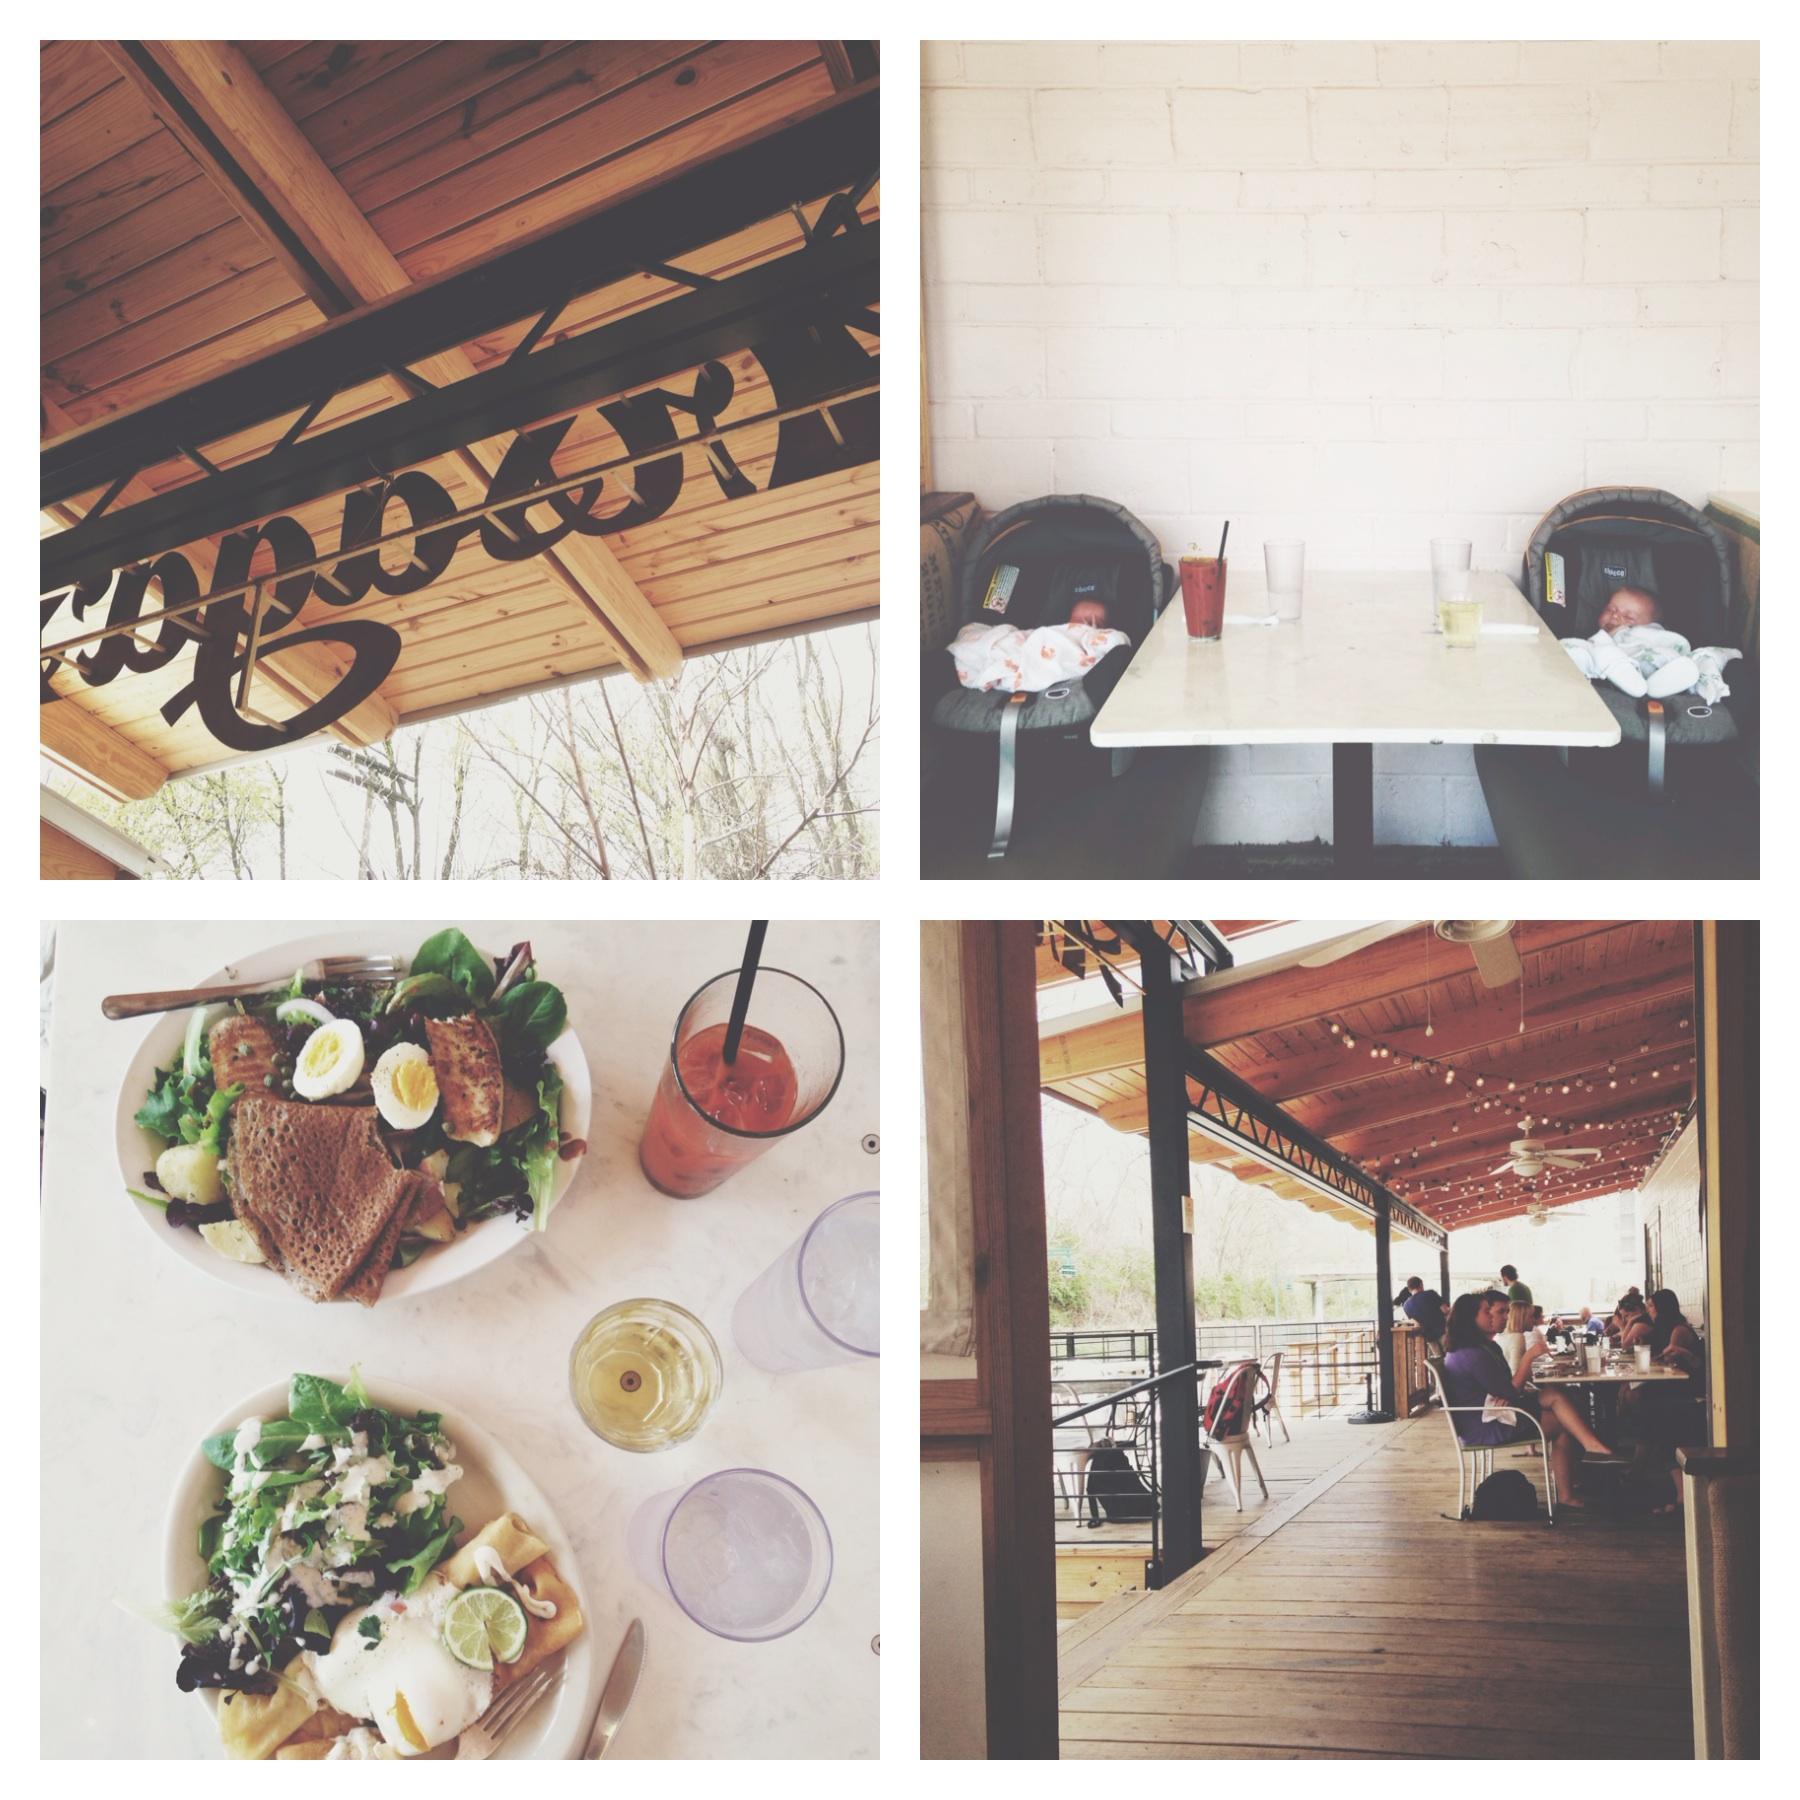 Jack S Nest Soul Food Restaurant